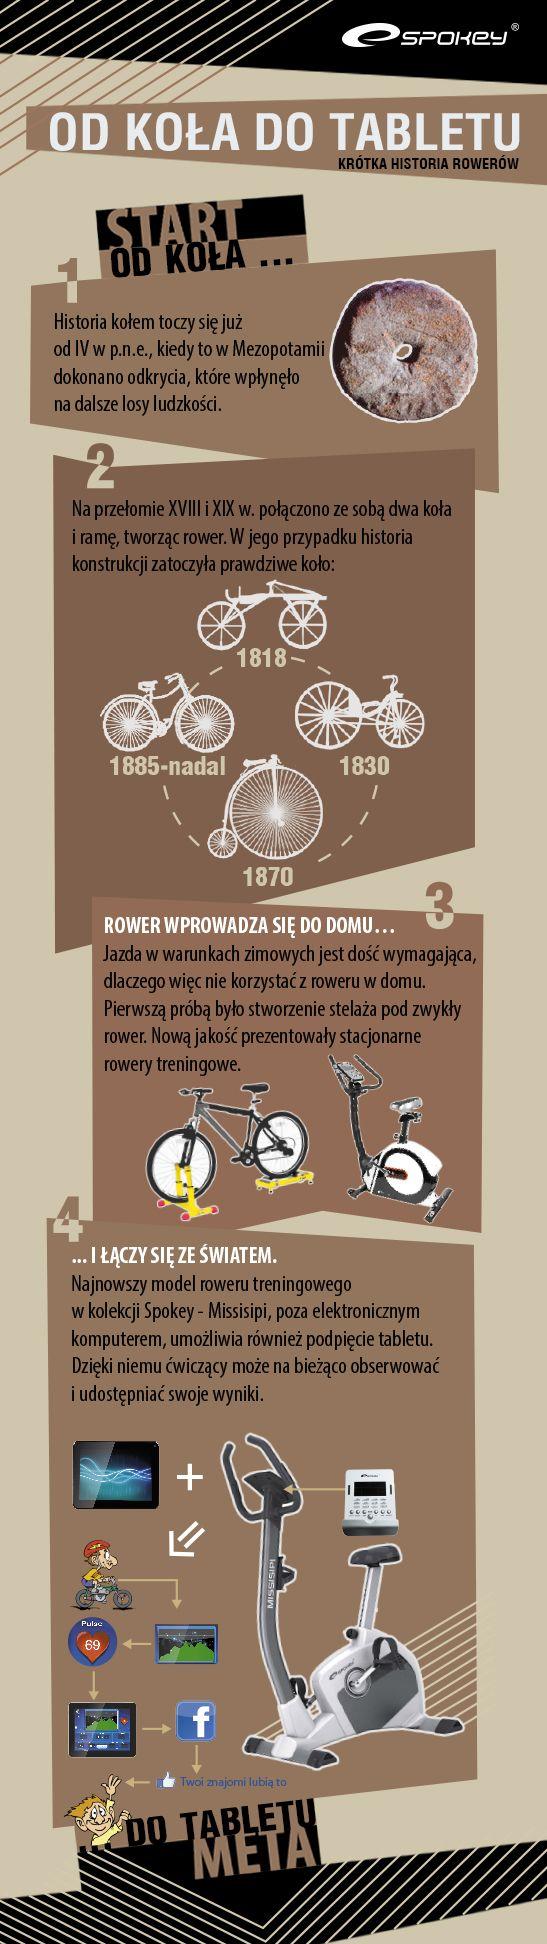 Missisipi i Missouri - rowerek i trenażer, które współpracują z tabletem i dostarczają ciekawych wrażeń ... przecież ćwiczenia wcale nie muszę być nudne!